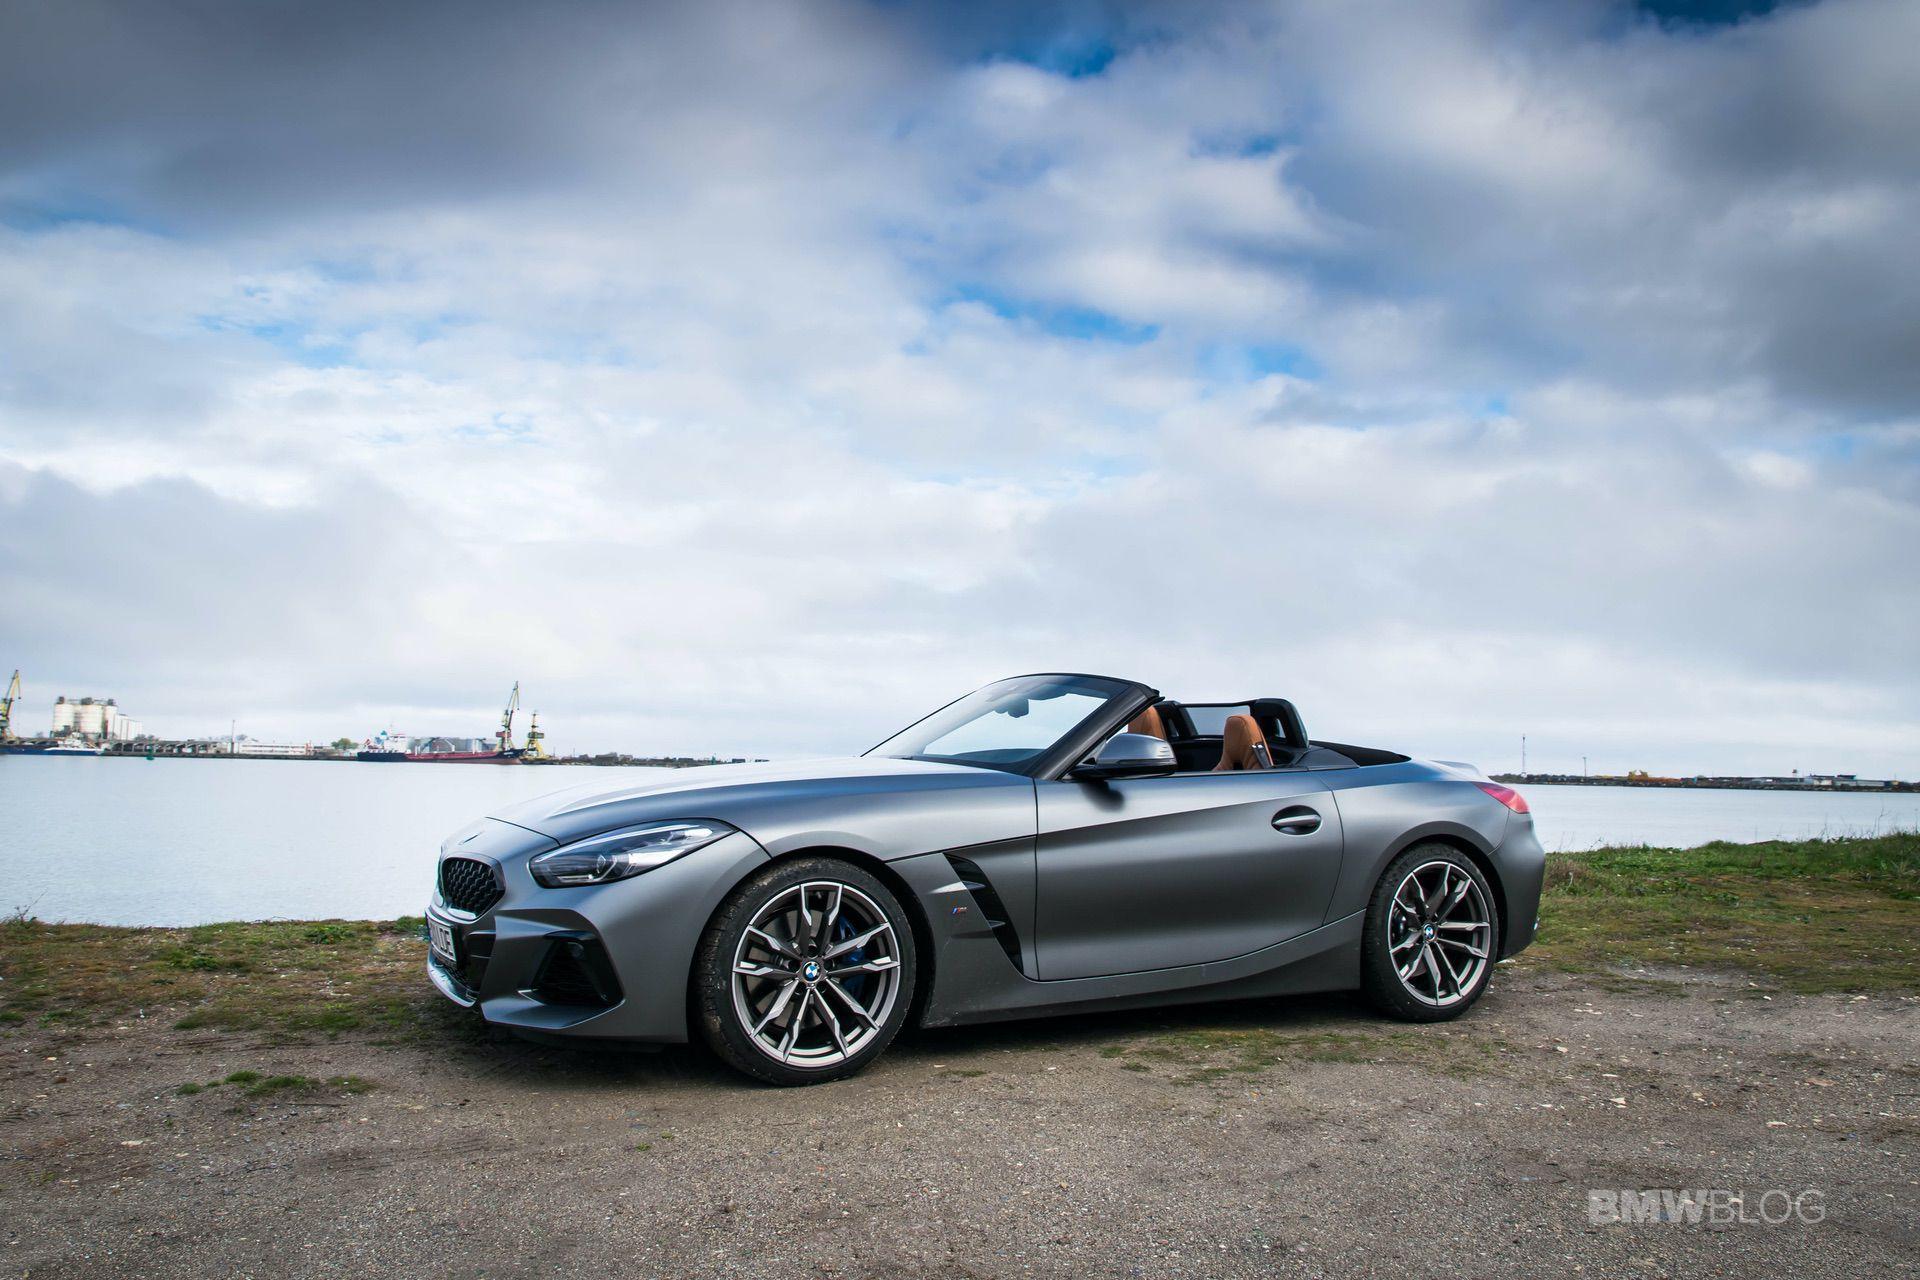 BMW Z4 Test Drive